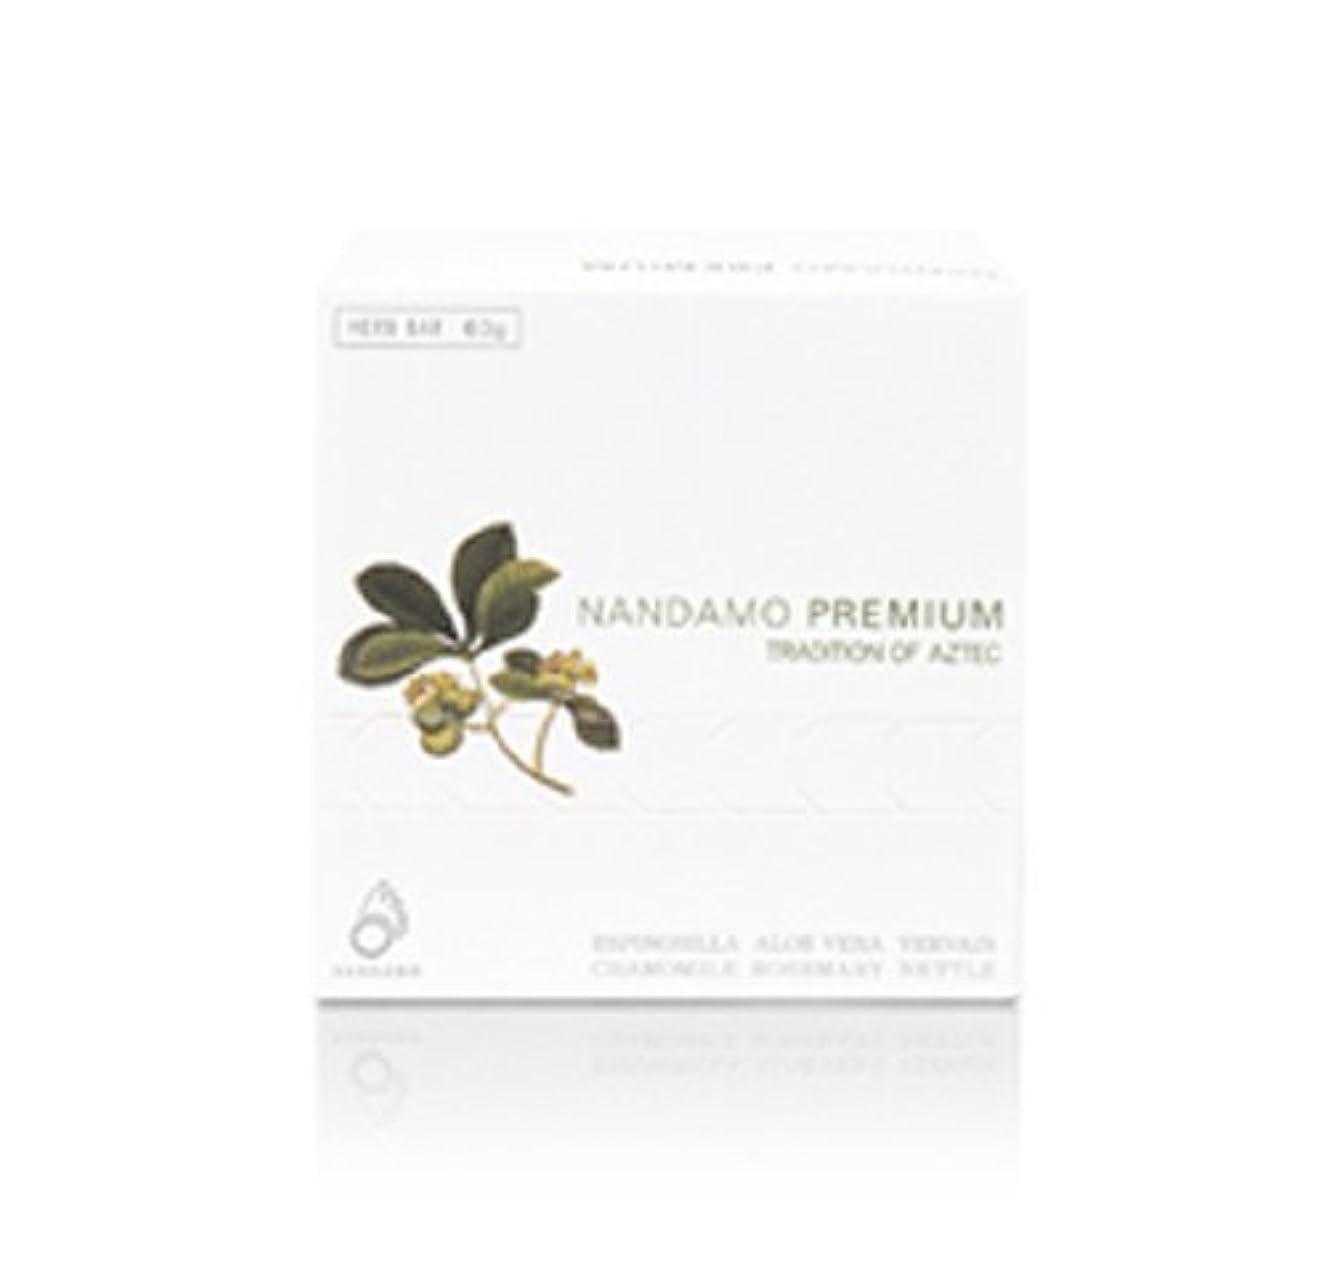 医薬品受信睡眠NANDAMO PREMIUM(ナンダモプレミアム)ナンダモプレミアム60g